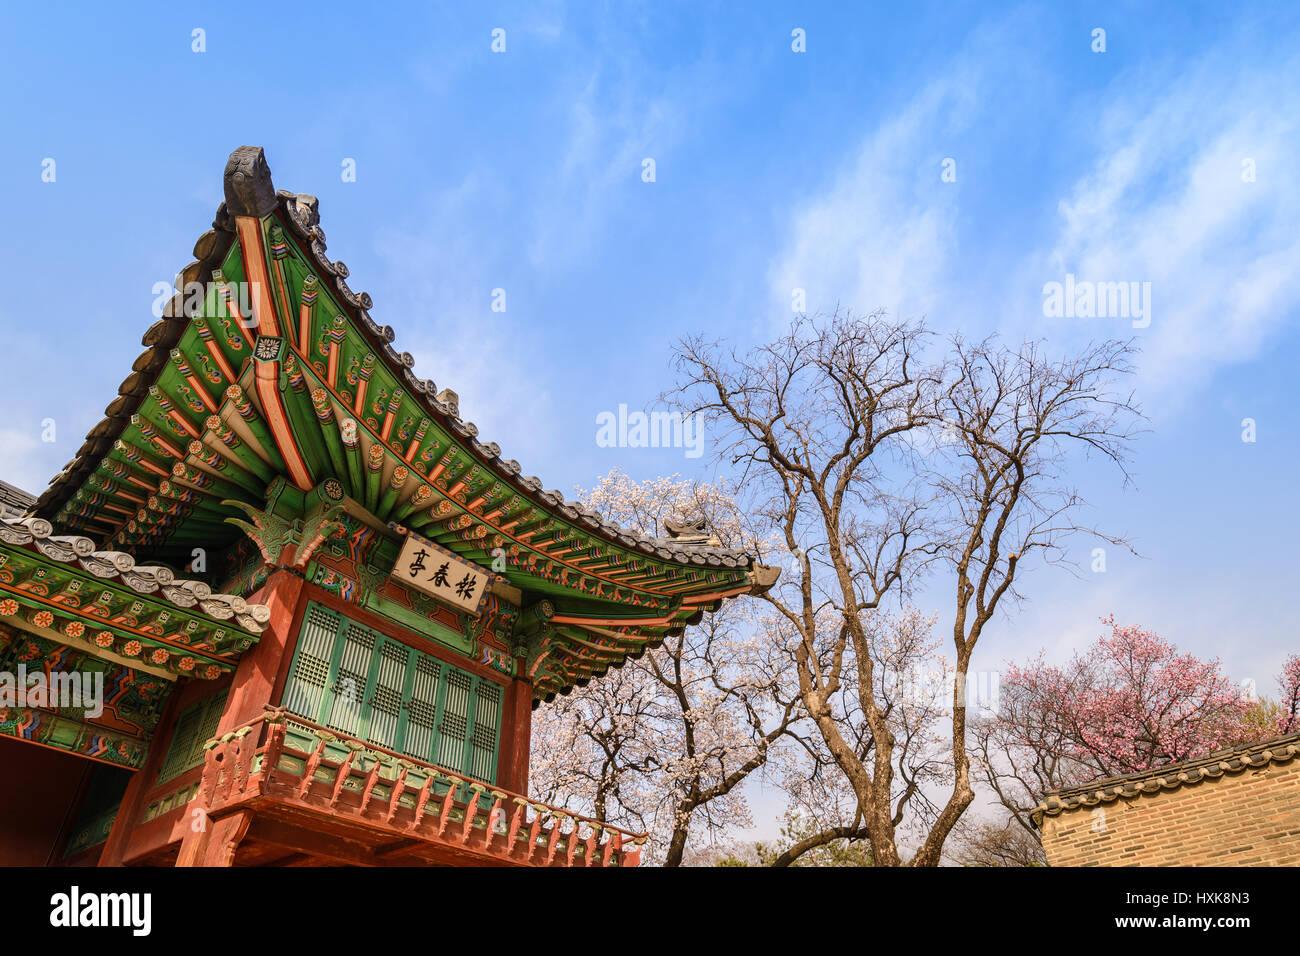 Primavera de los cerezos en flor en el palacio de Changdeokgung, Seúl, Corea del Sur Imagen De Stock